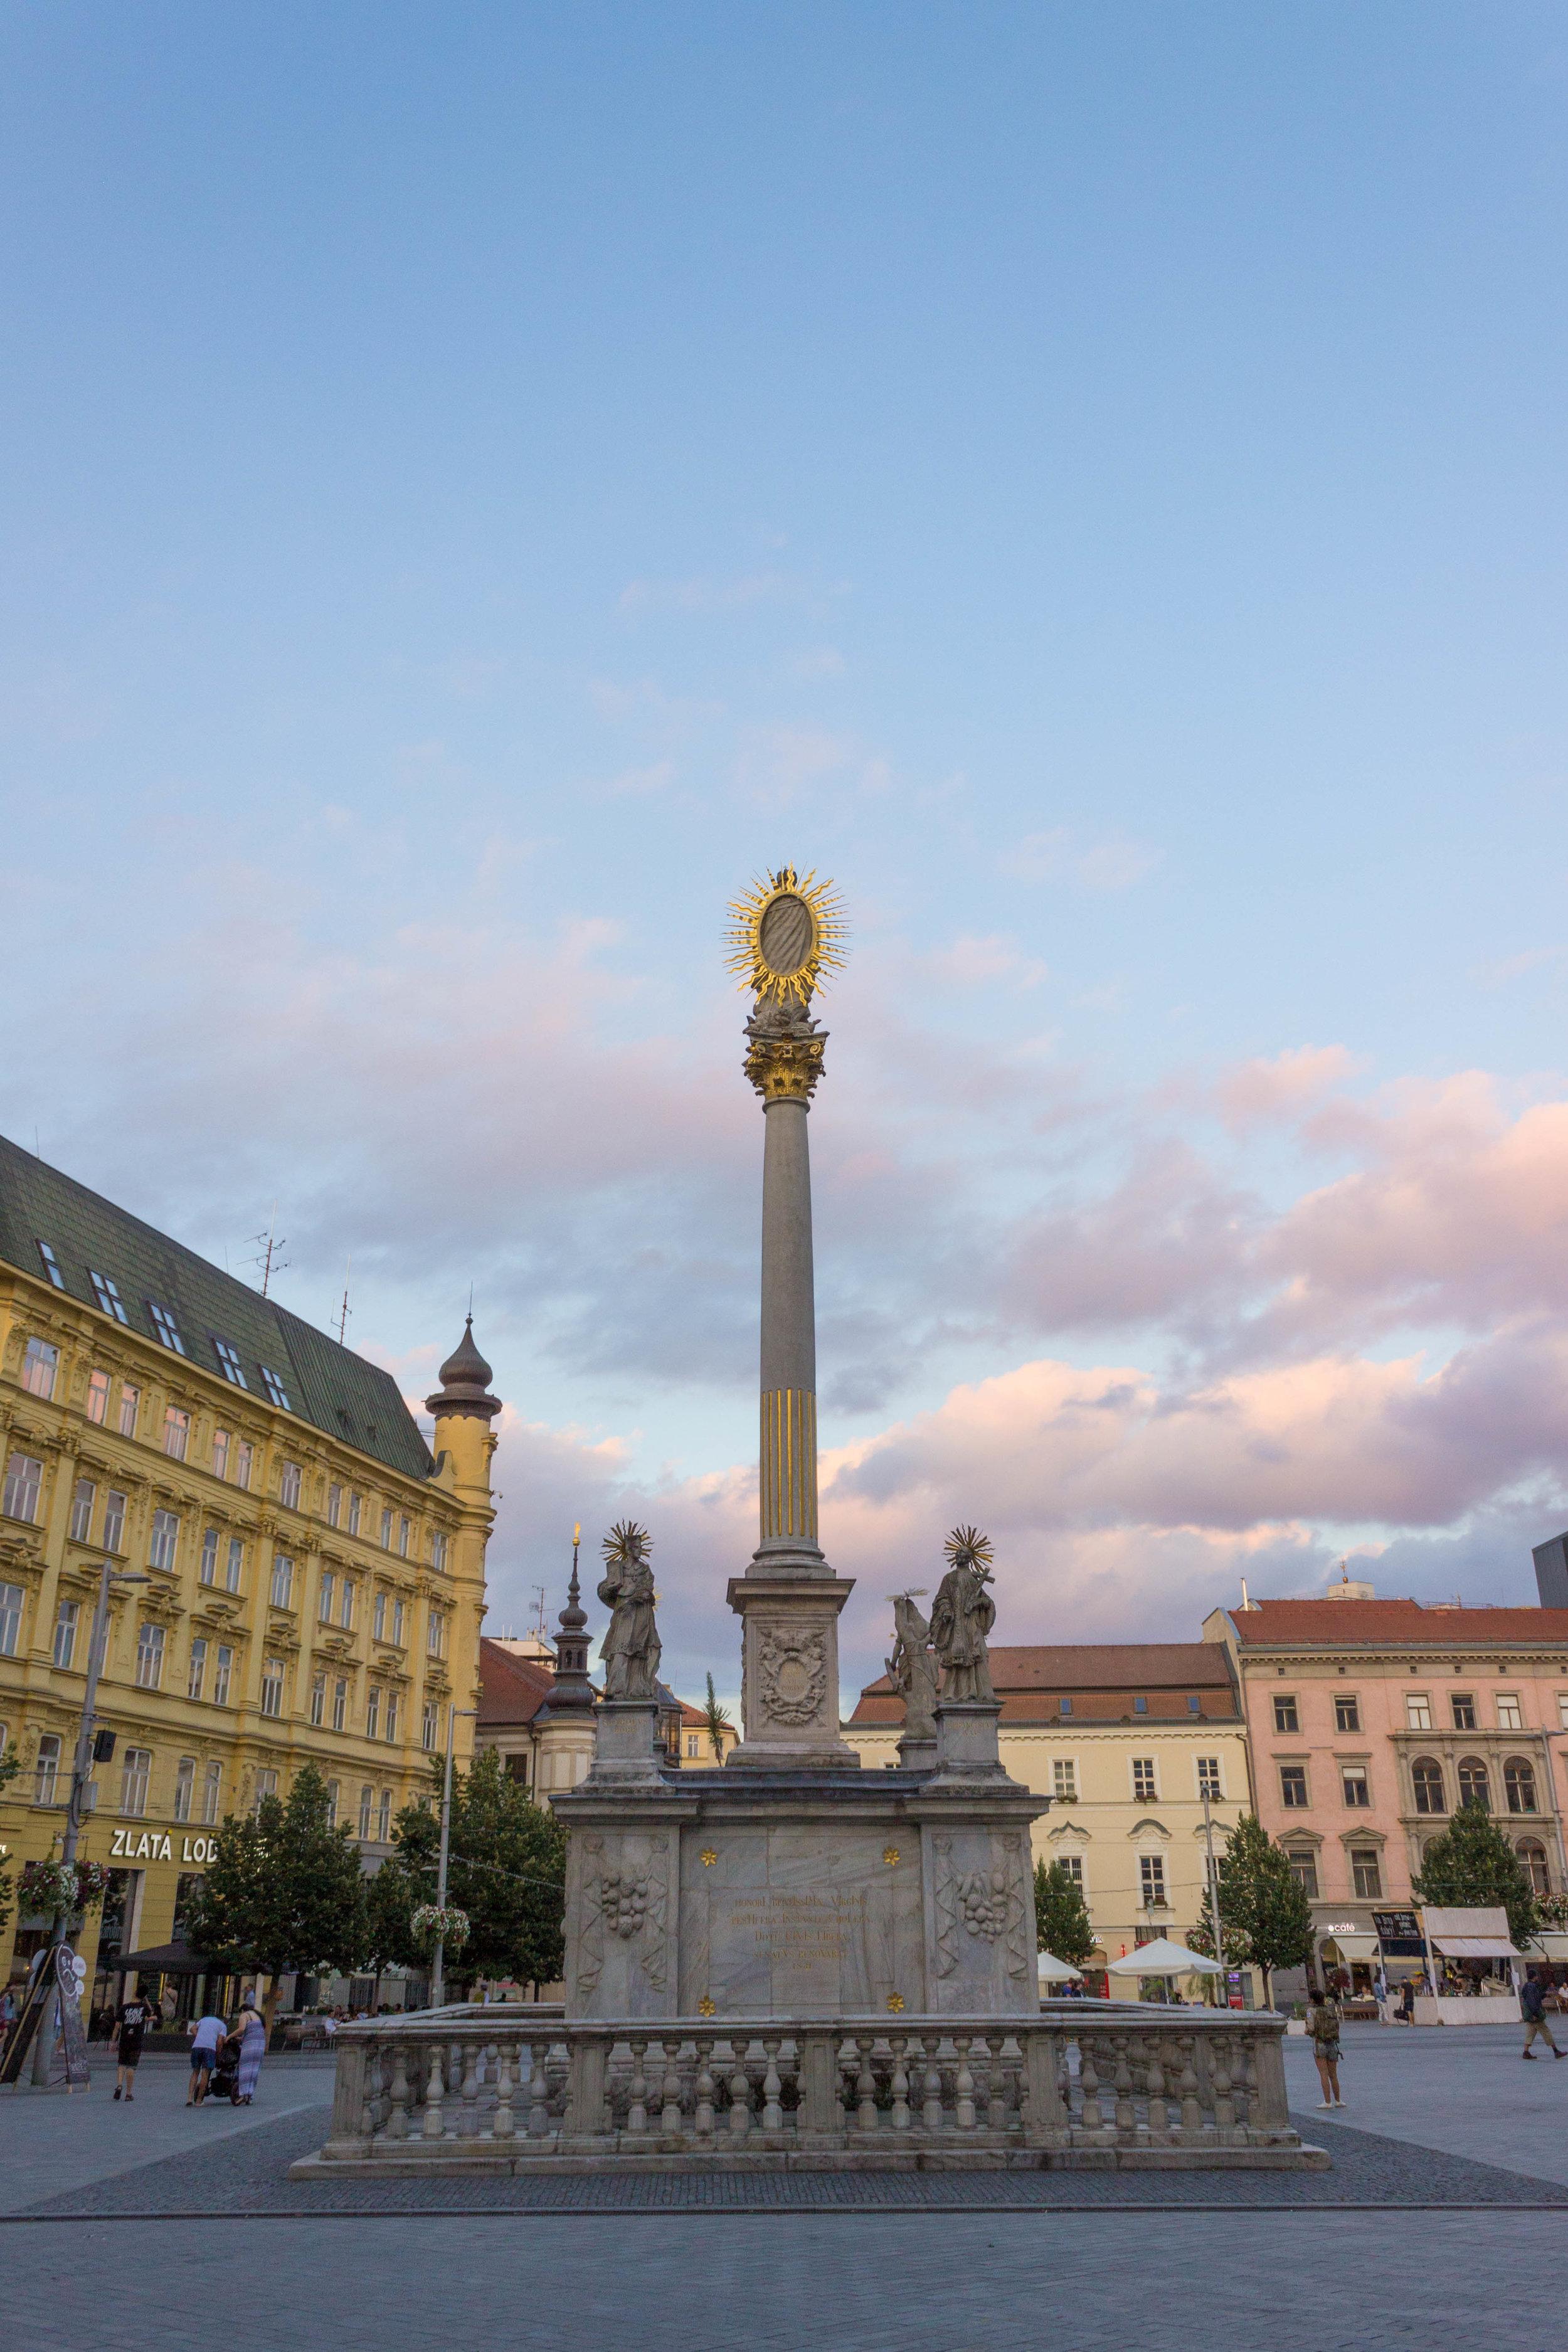 City center of Brno